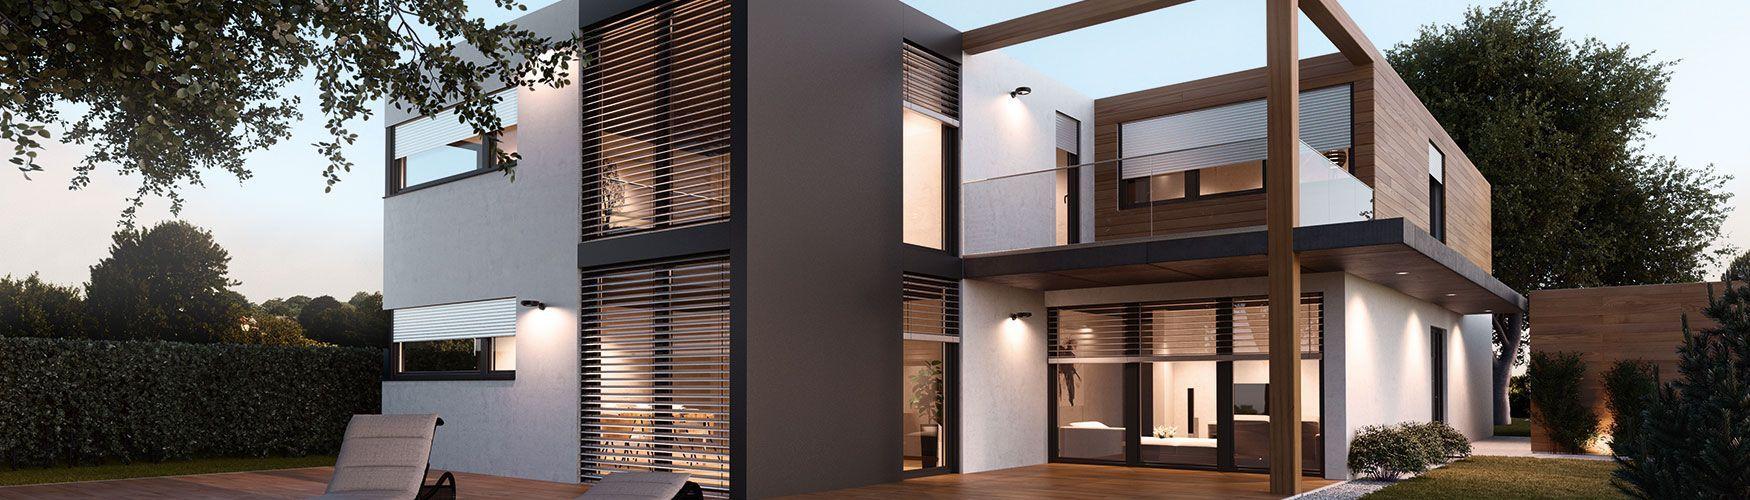 sonnenschutz au en kammerer ohg. Black Bedroom Furniture Sets. Home Design Ideas